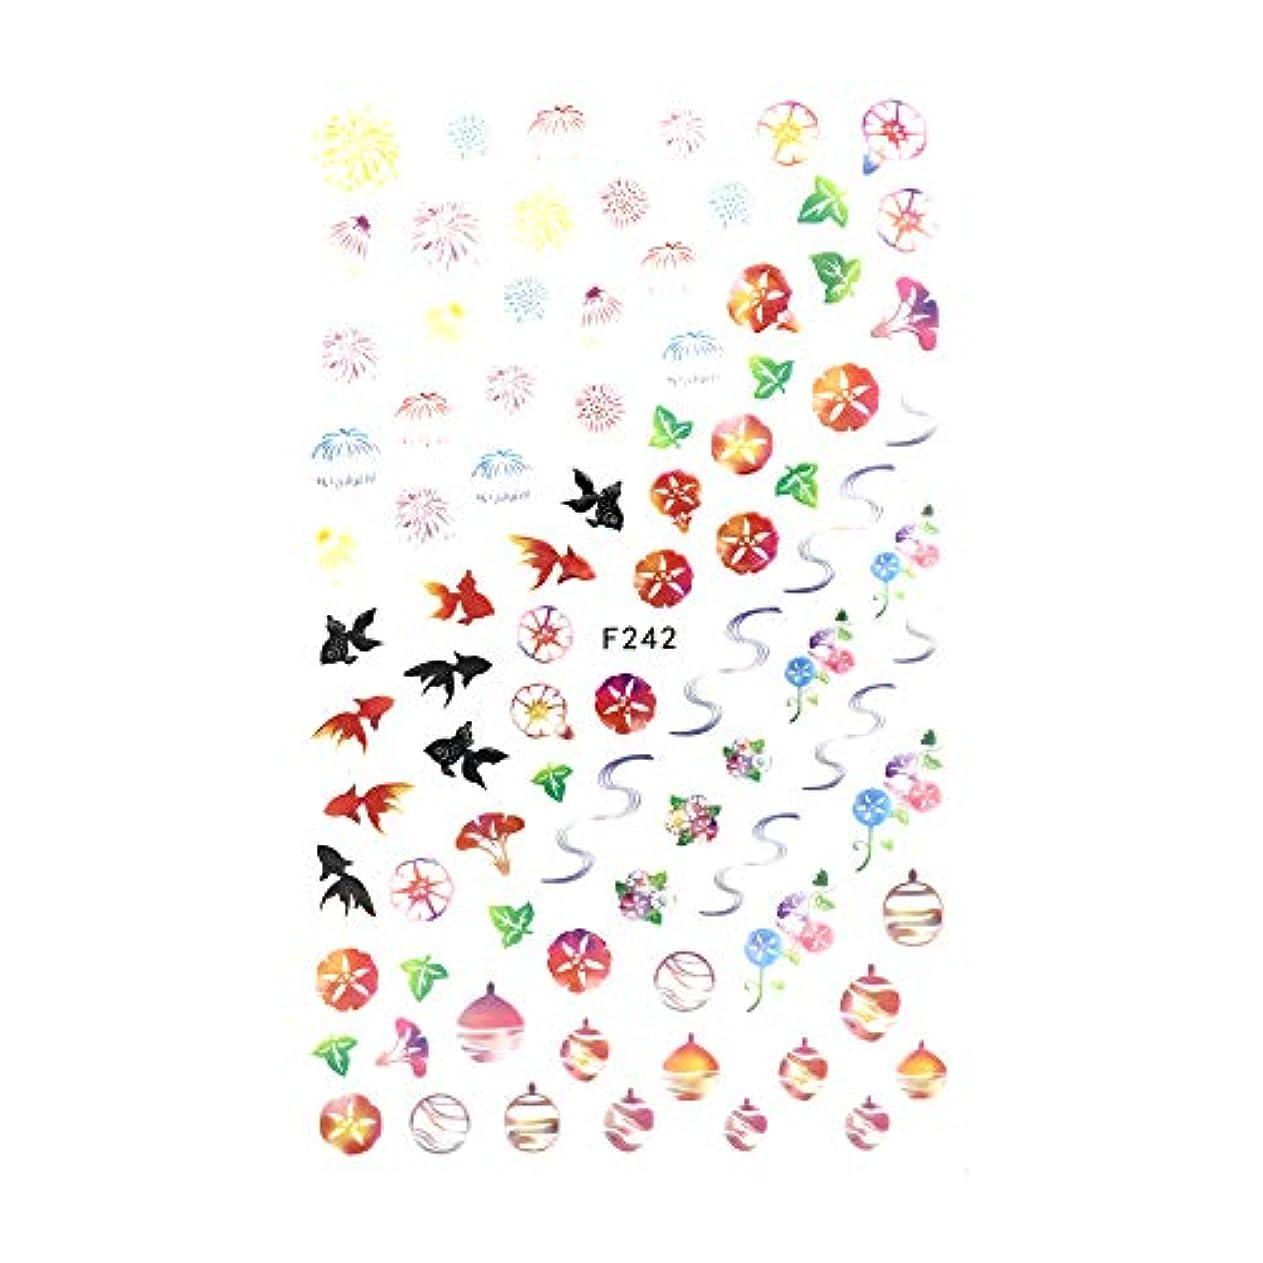 つかいますくびれた努力irogel イロジェル ネイルシール 和夏シール【F242】日本 風物詩 祭り 浴衣 花火 金魚